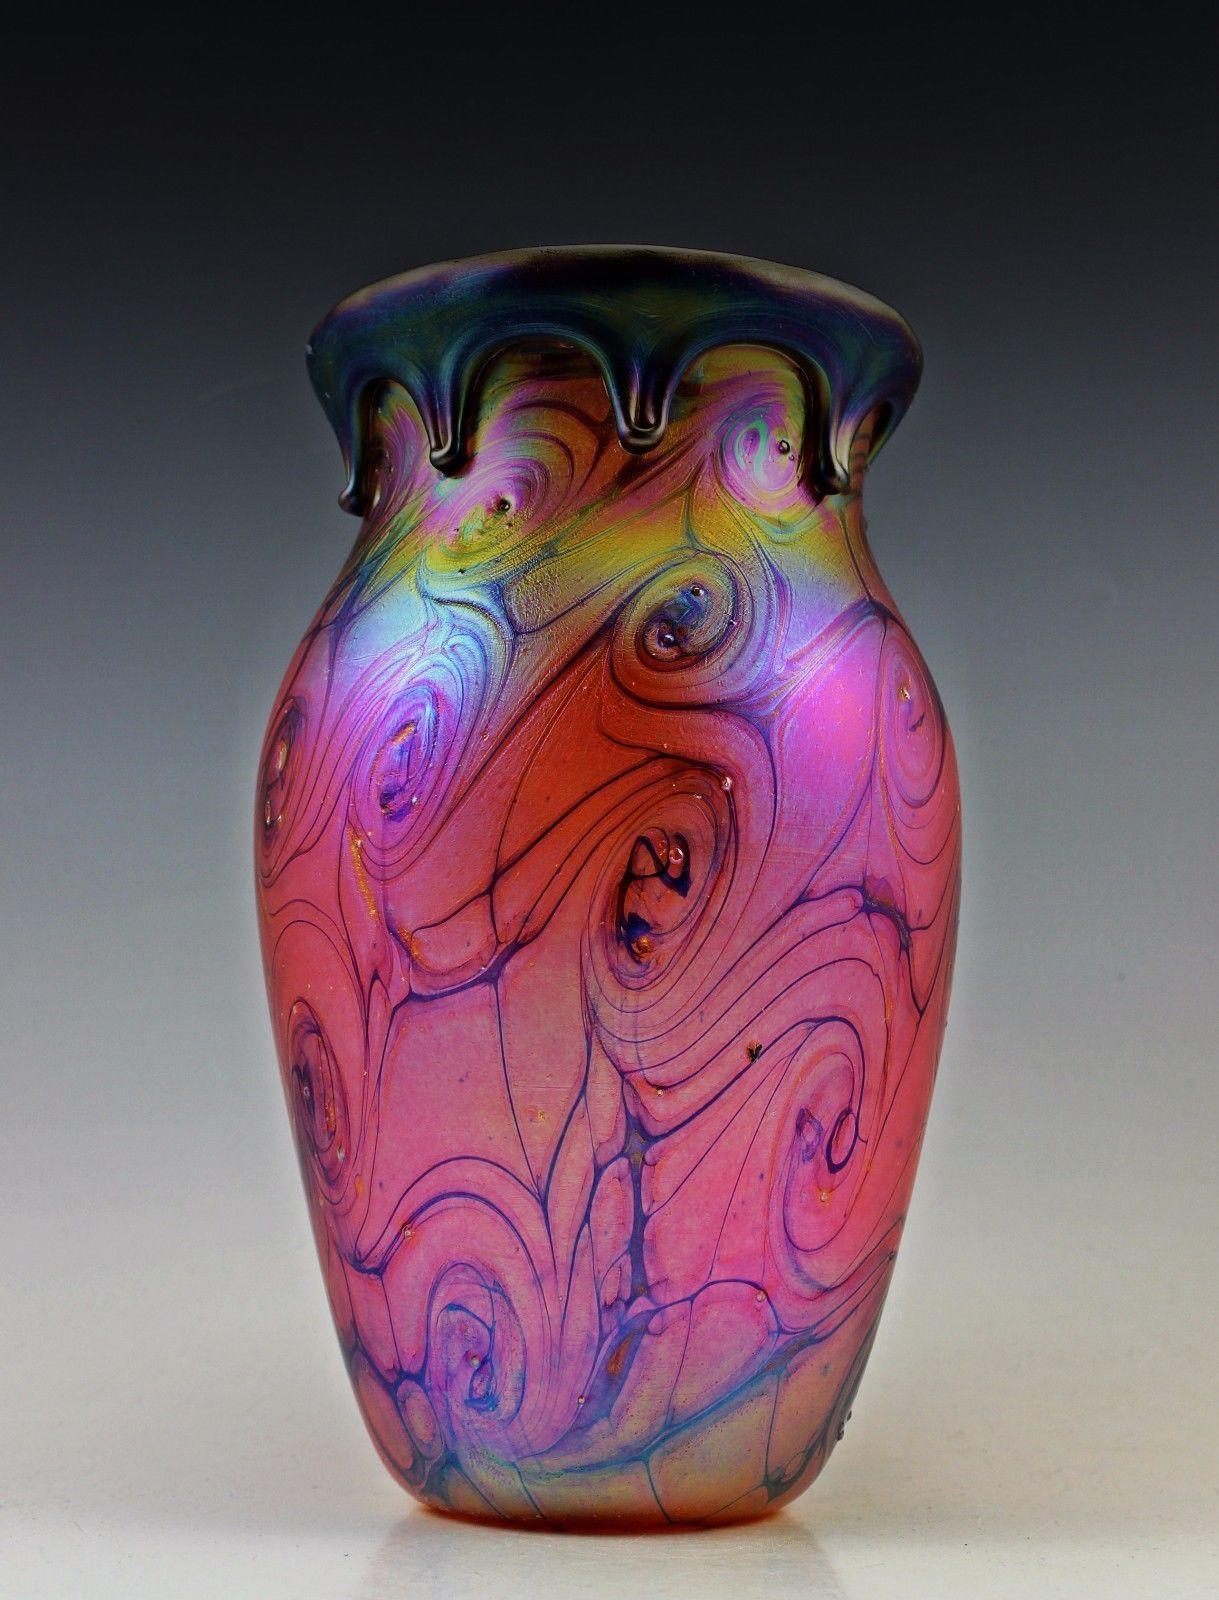 Art Deco Vases Antique Of Vintage Art Deco Czech Bohemian Malachite Glass Horse Head Bust In Bohemian Czech Art Deco Glass Vase Iridescent Glass top Quality Picclick Com